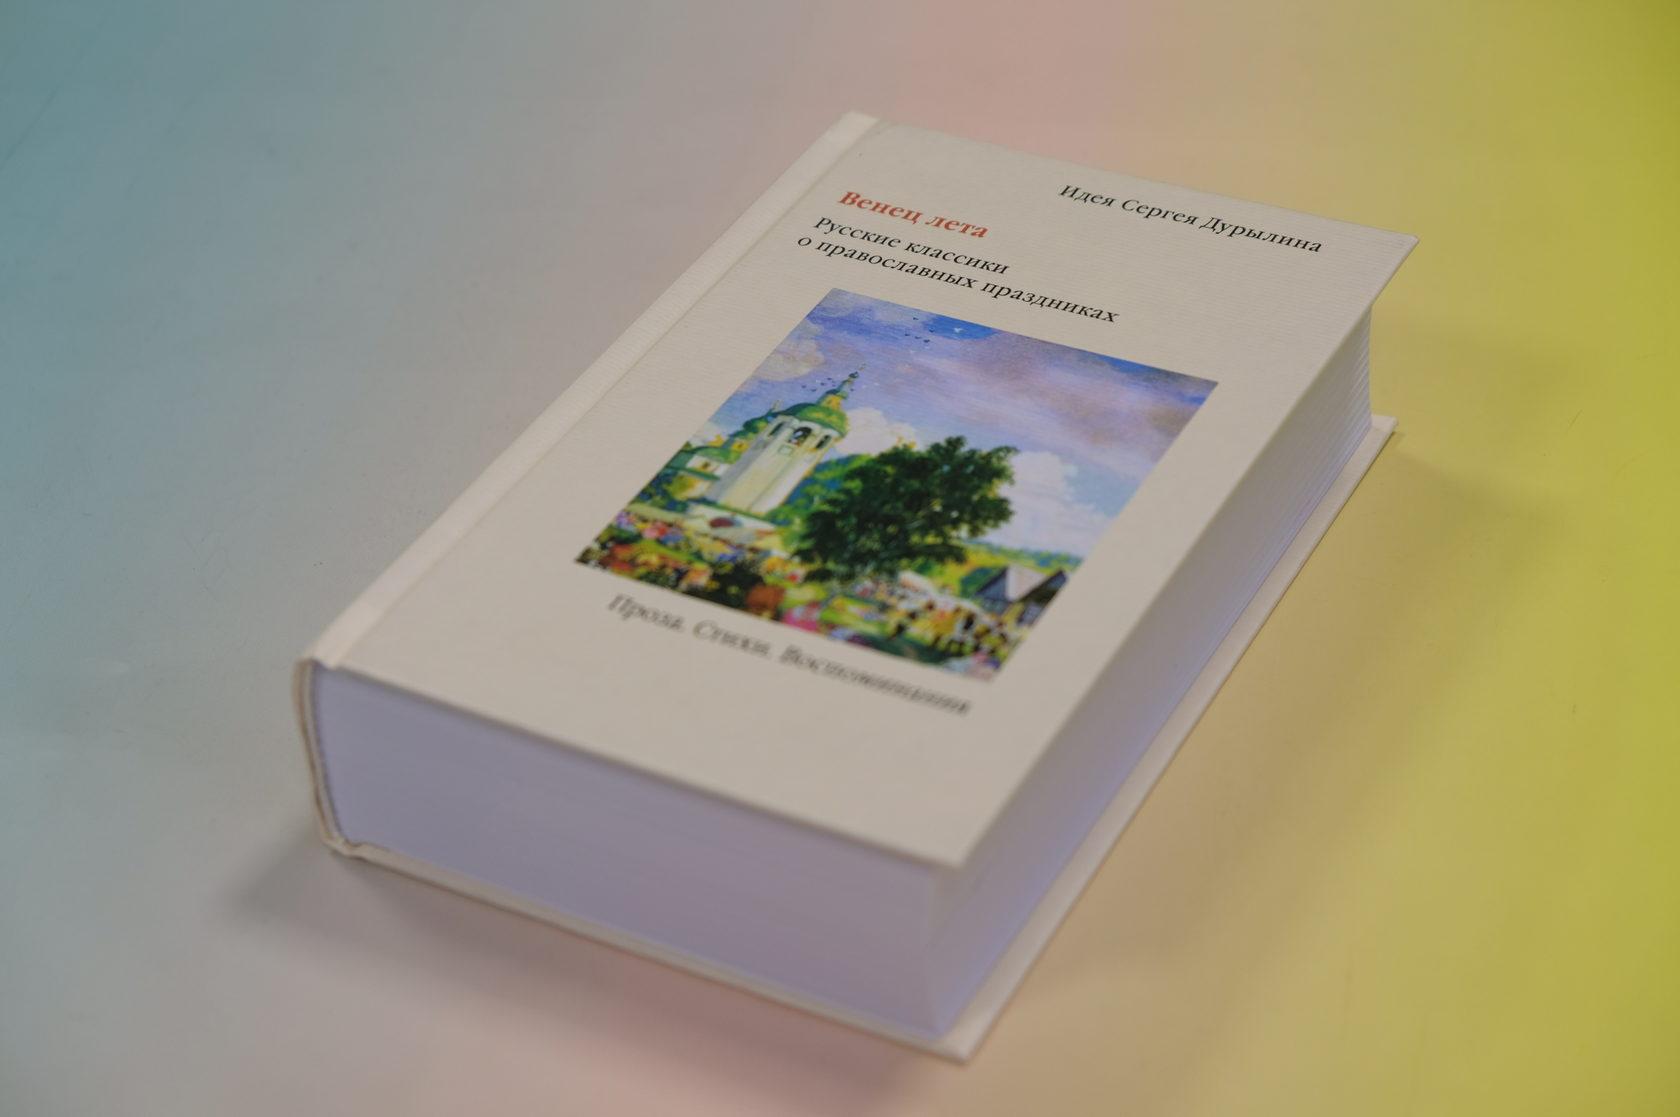 Купить книгу Сергей Дурылин «Венец лета. Русские классики о православных праздниках» 978-5-91761-989-7